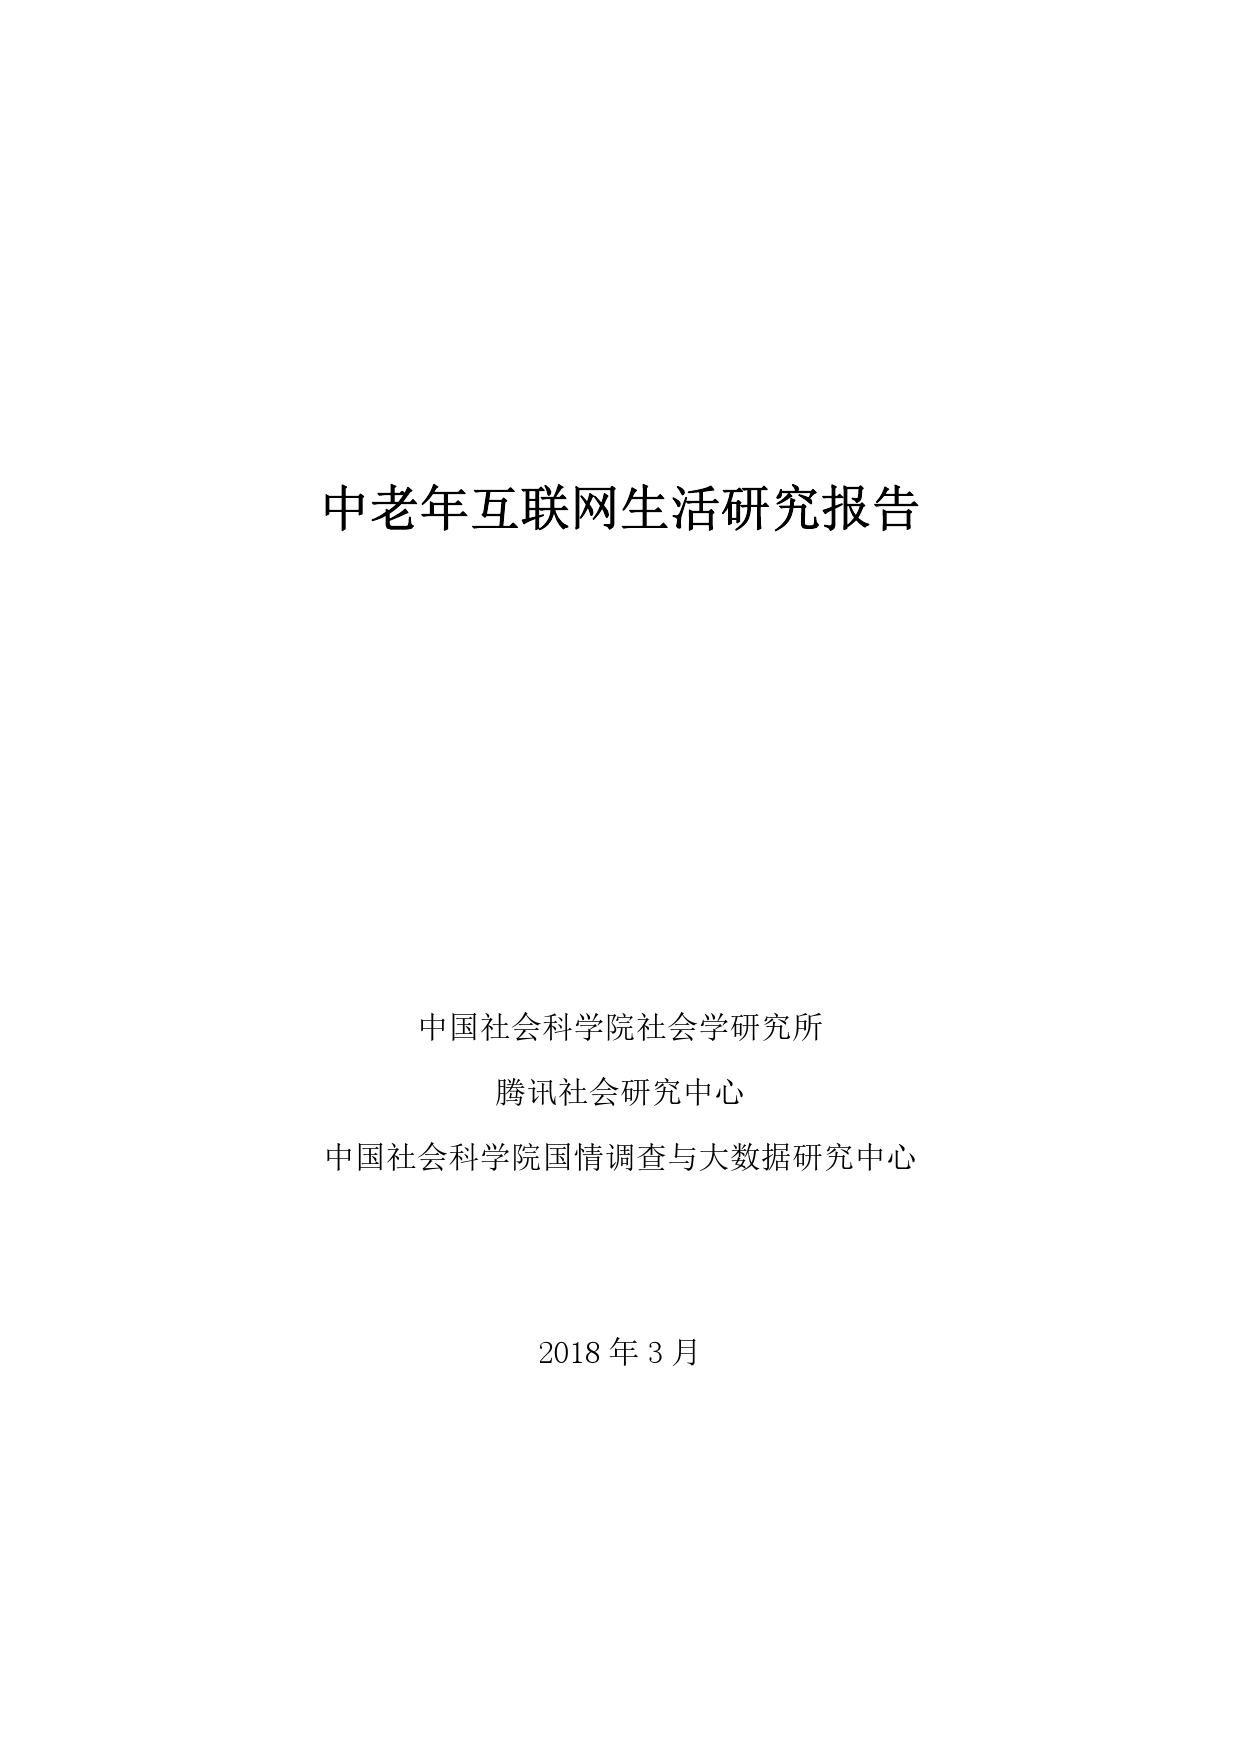 社会科学院&腾讯:中老年互联网生活研究报告(附下载)